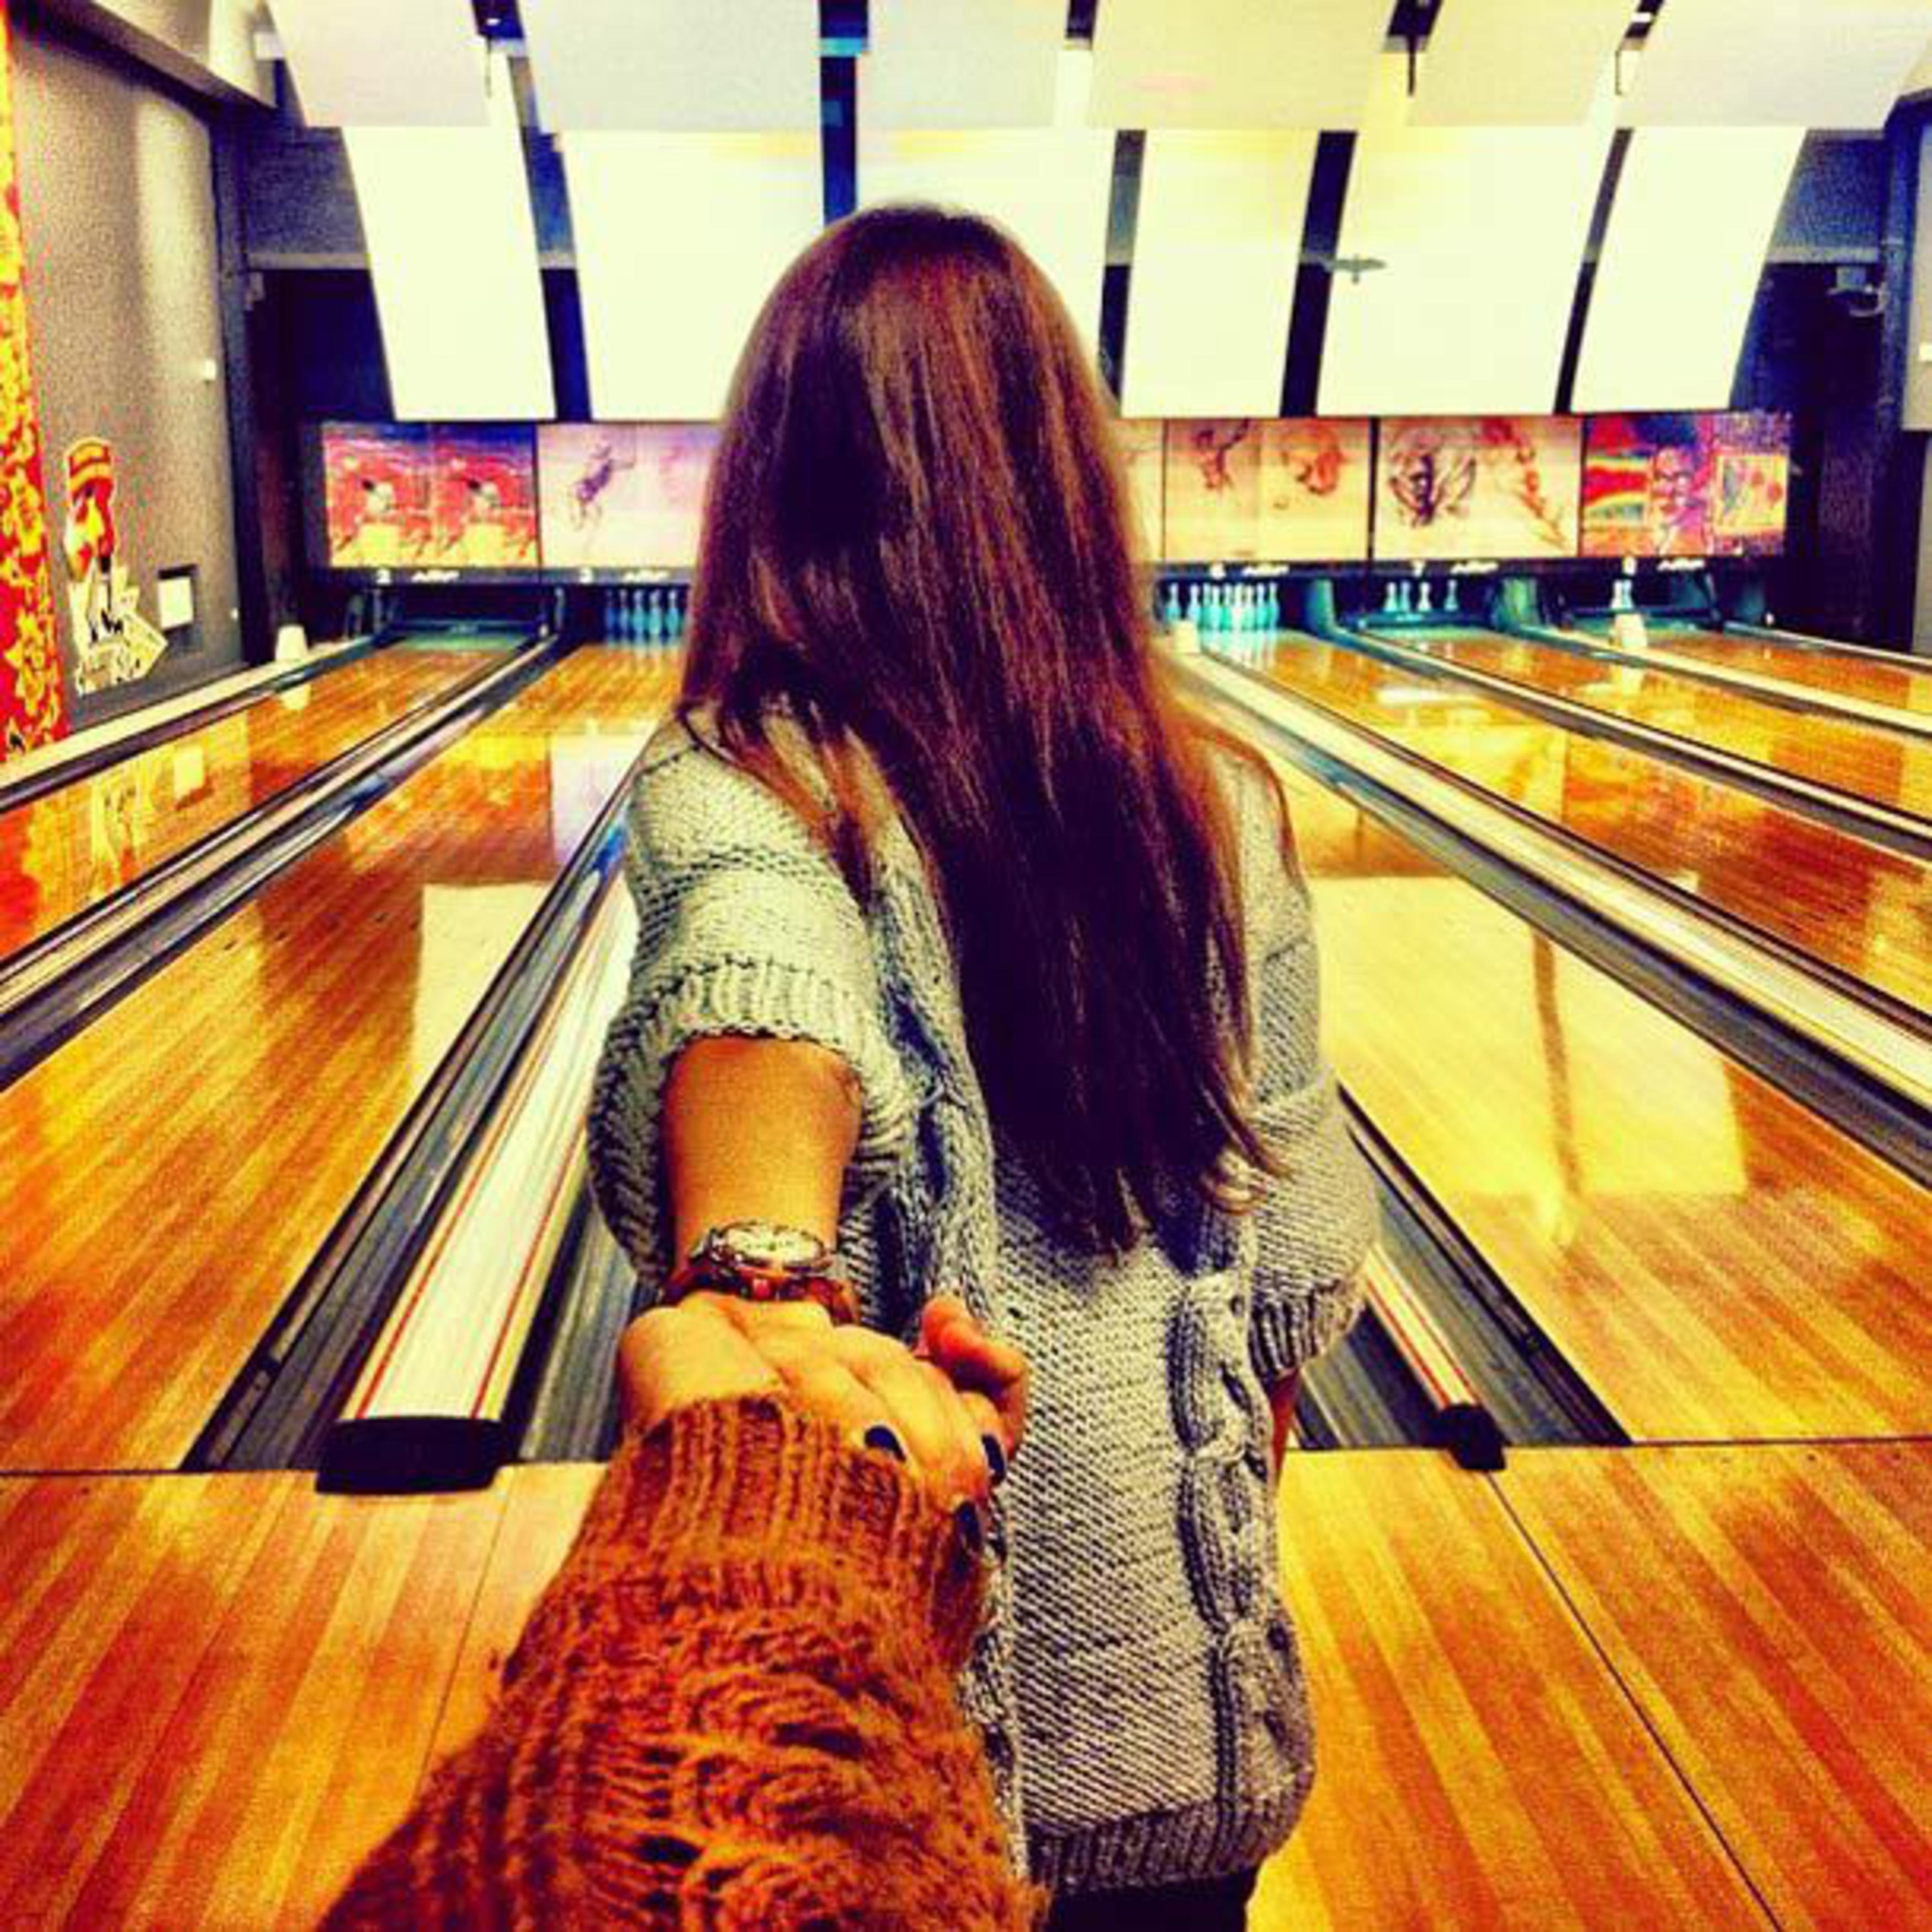 Спина девушки её держит парень за руку 26 фотография